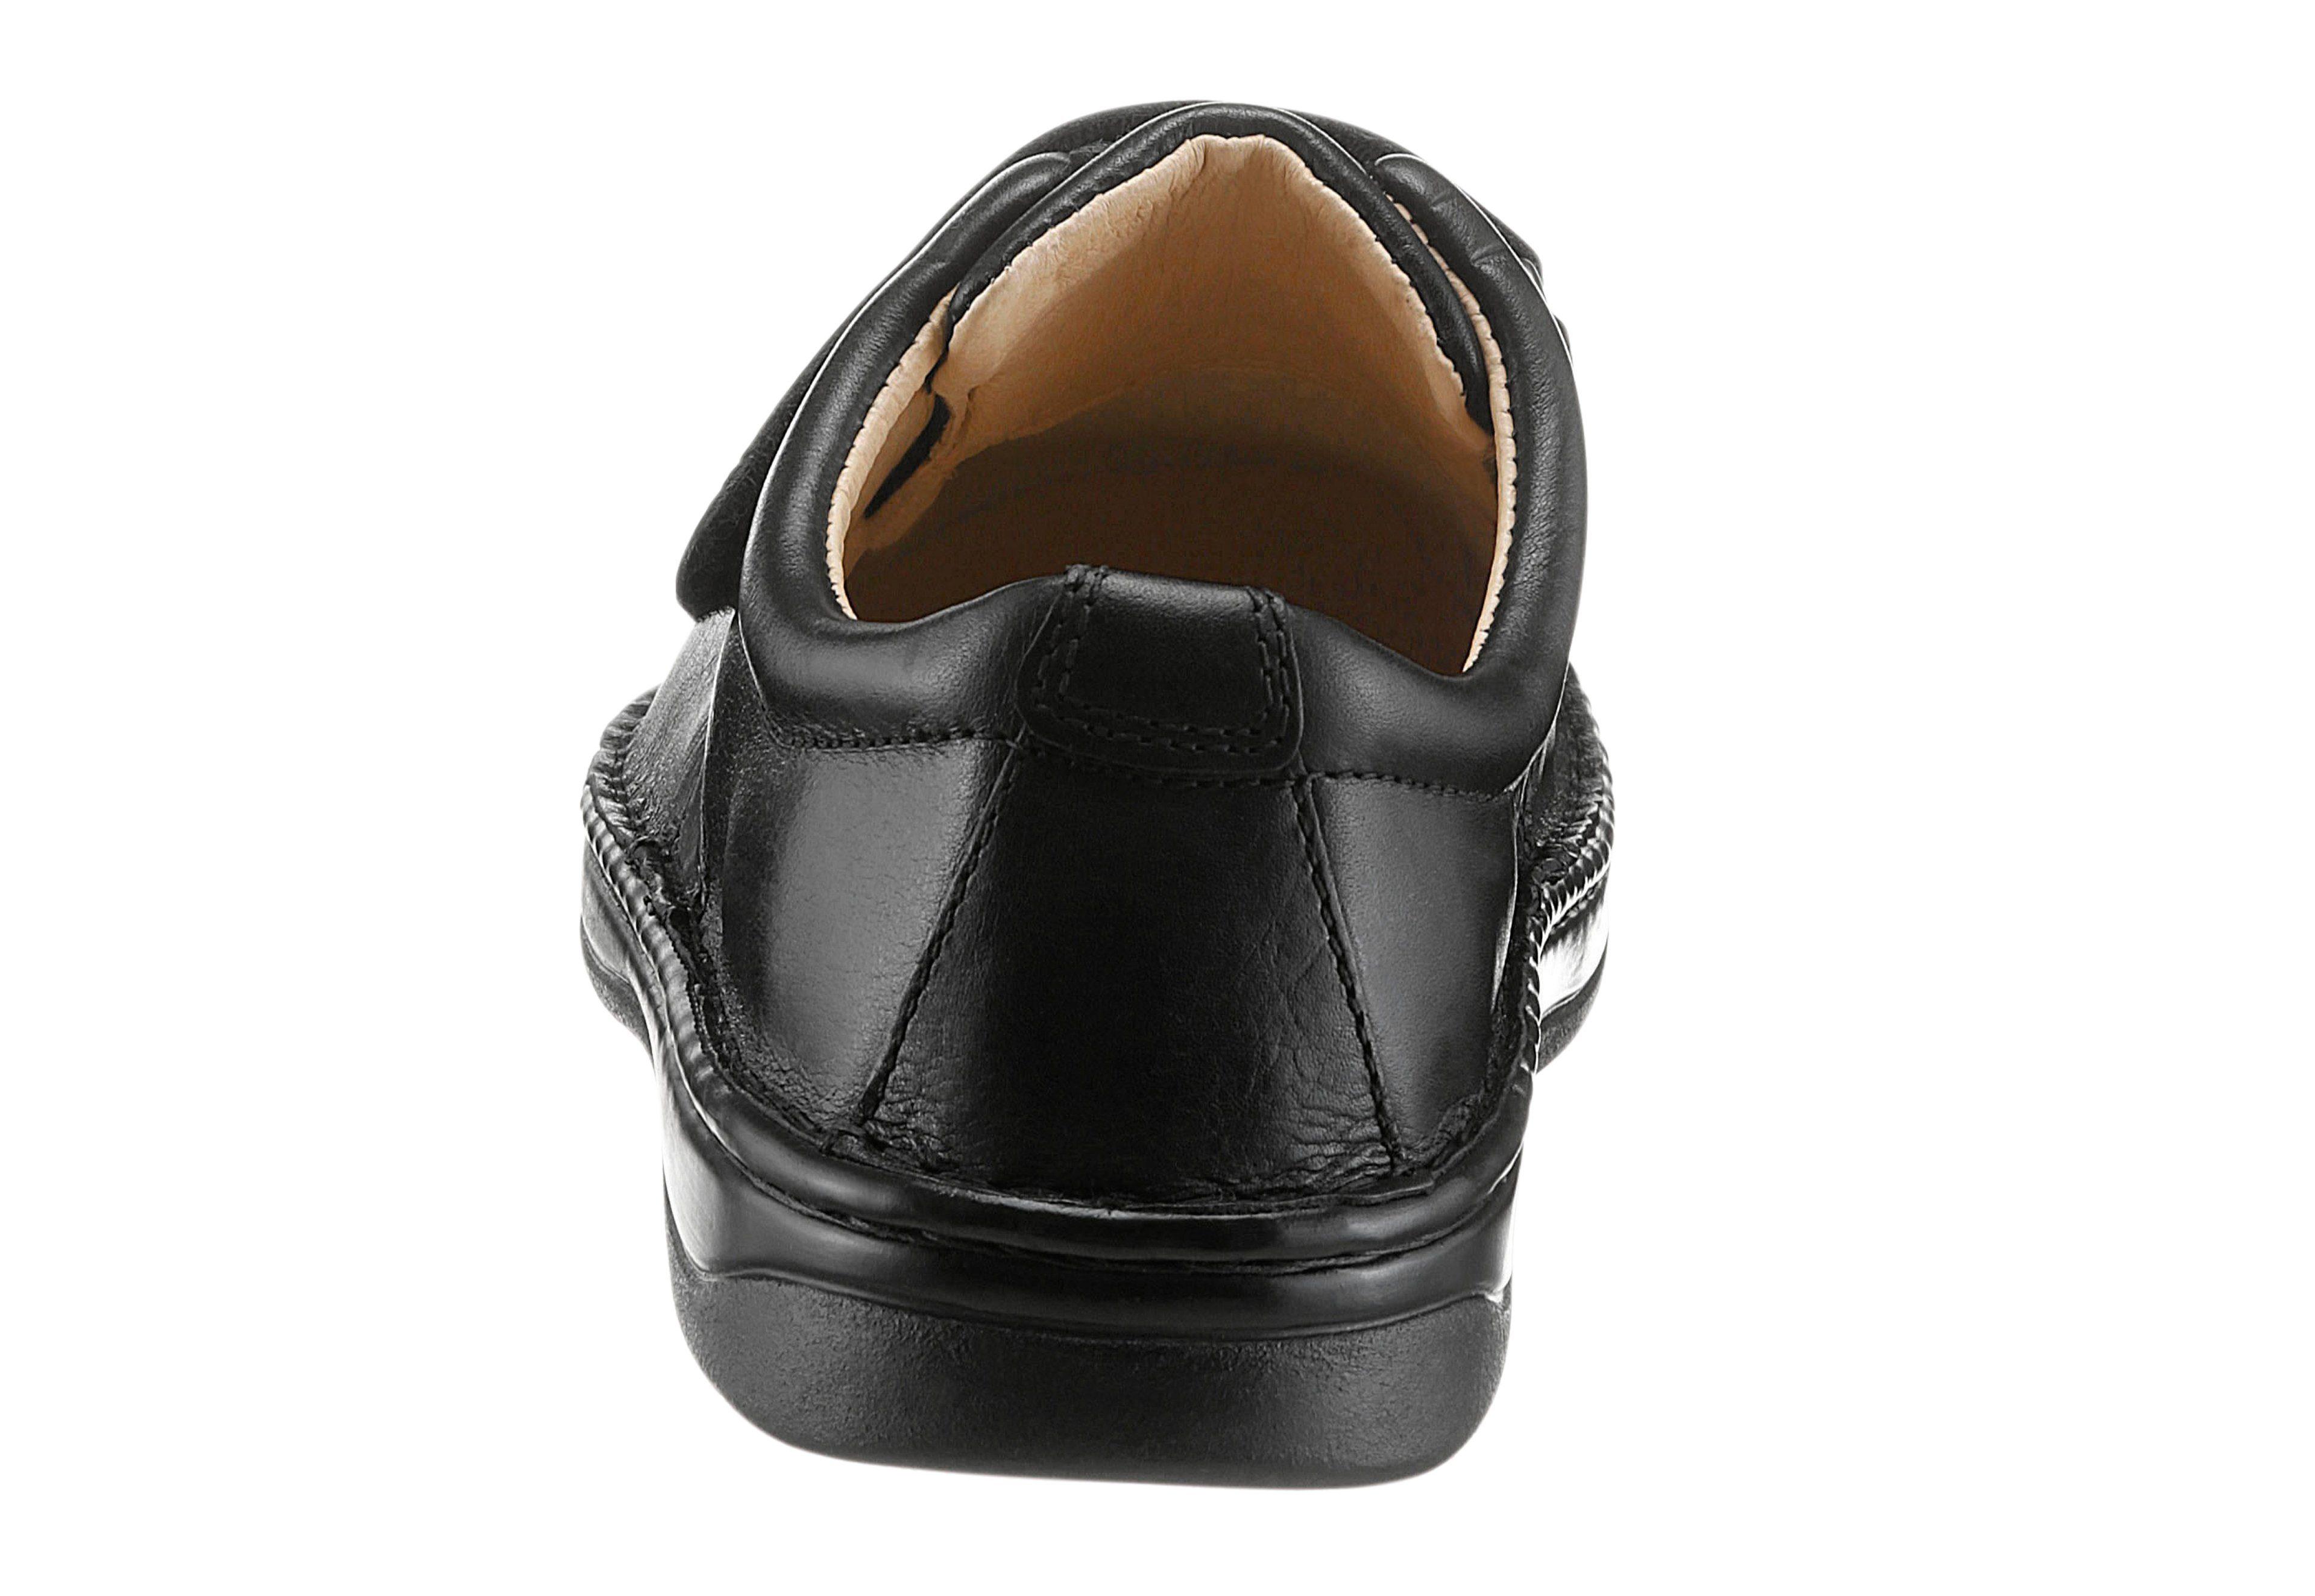 Classic Klettschuh mit 5-Zonen-Fußbett kaufen  schwarz